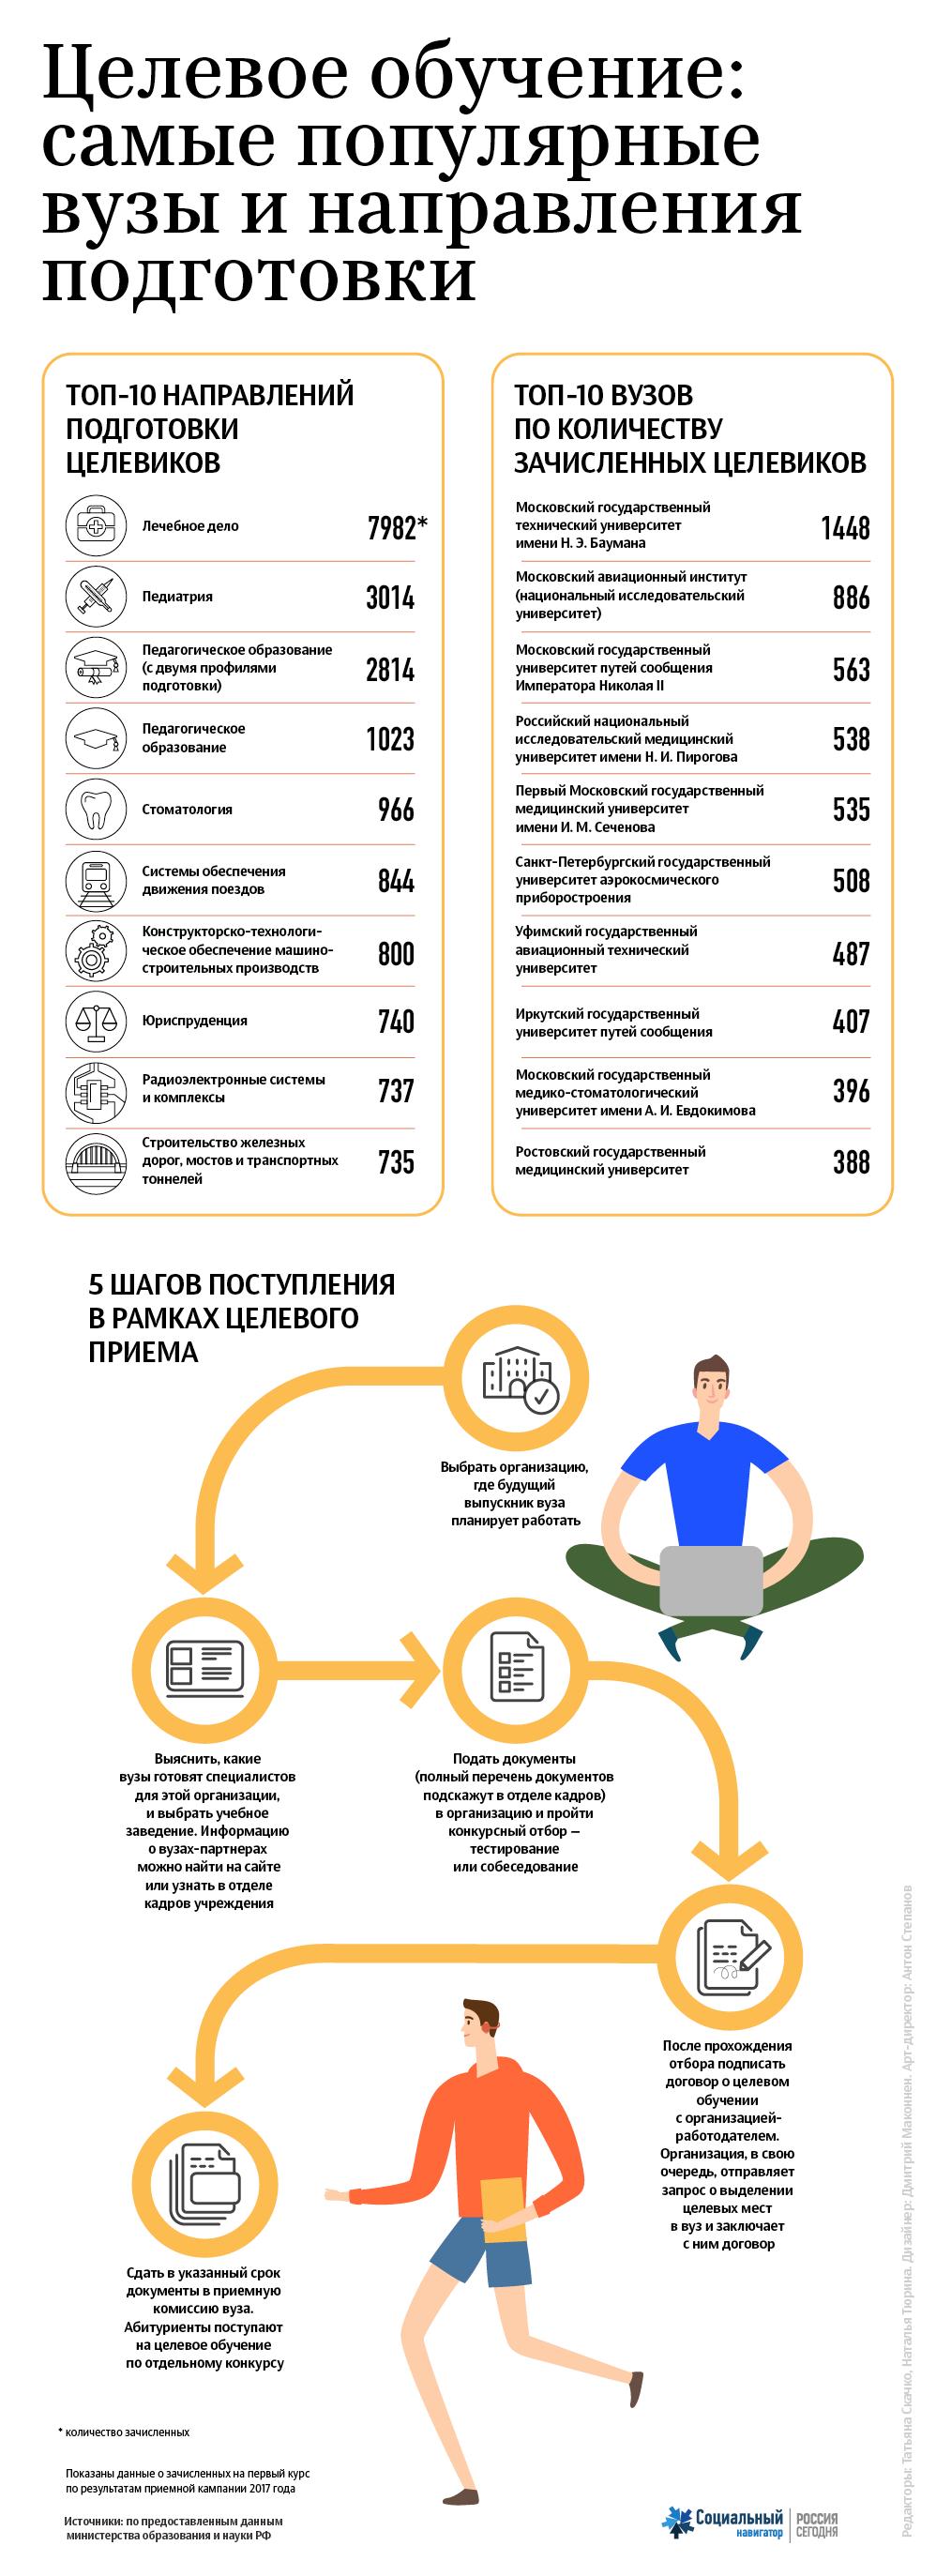 Целевое обучение: самые популярные вузы и направления подготовки